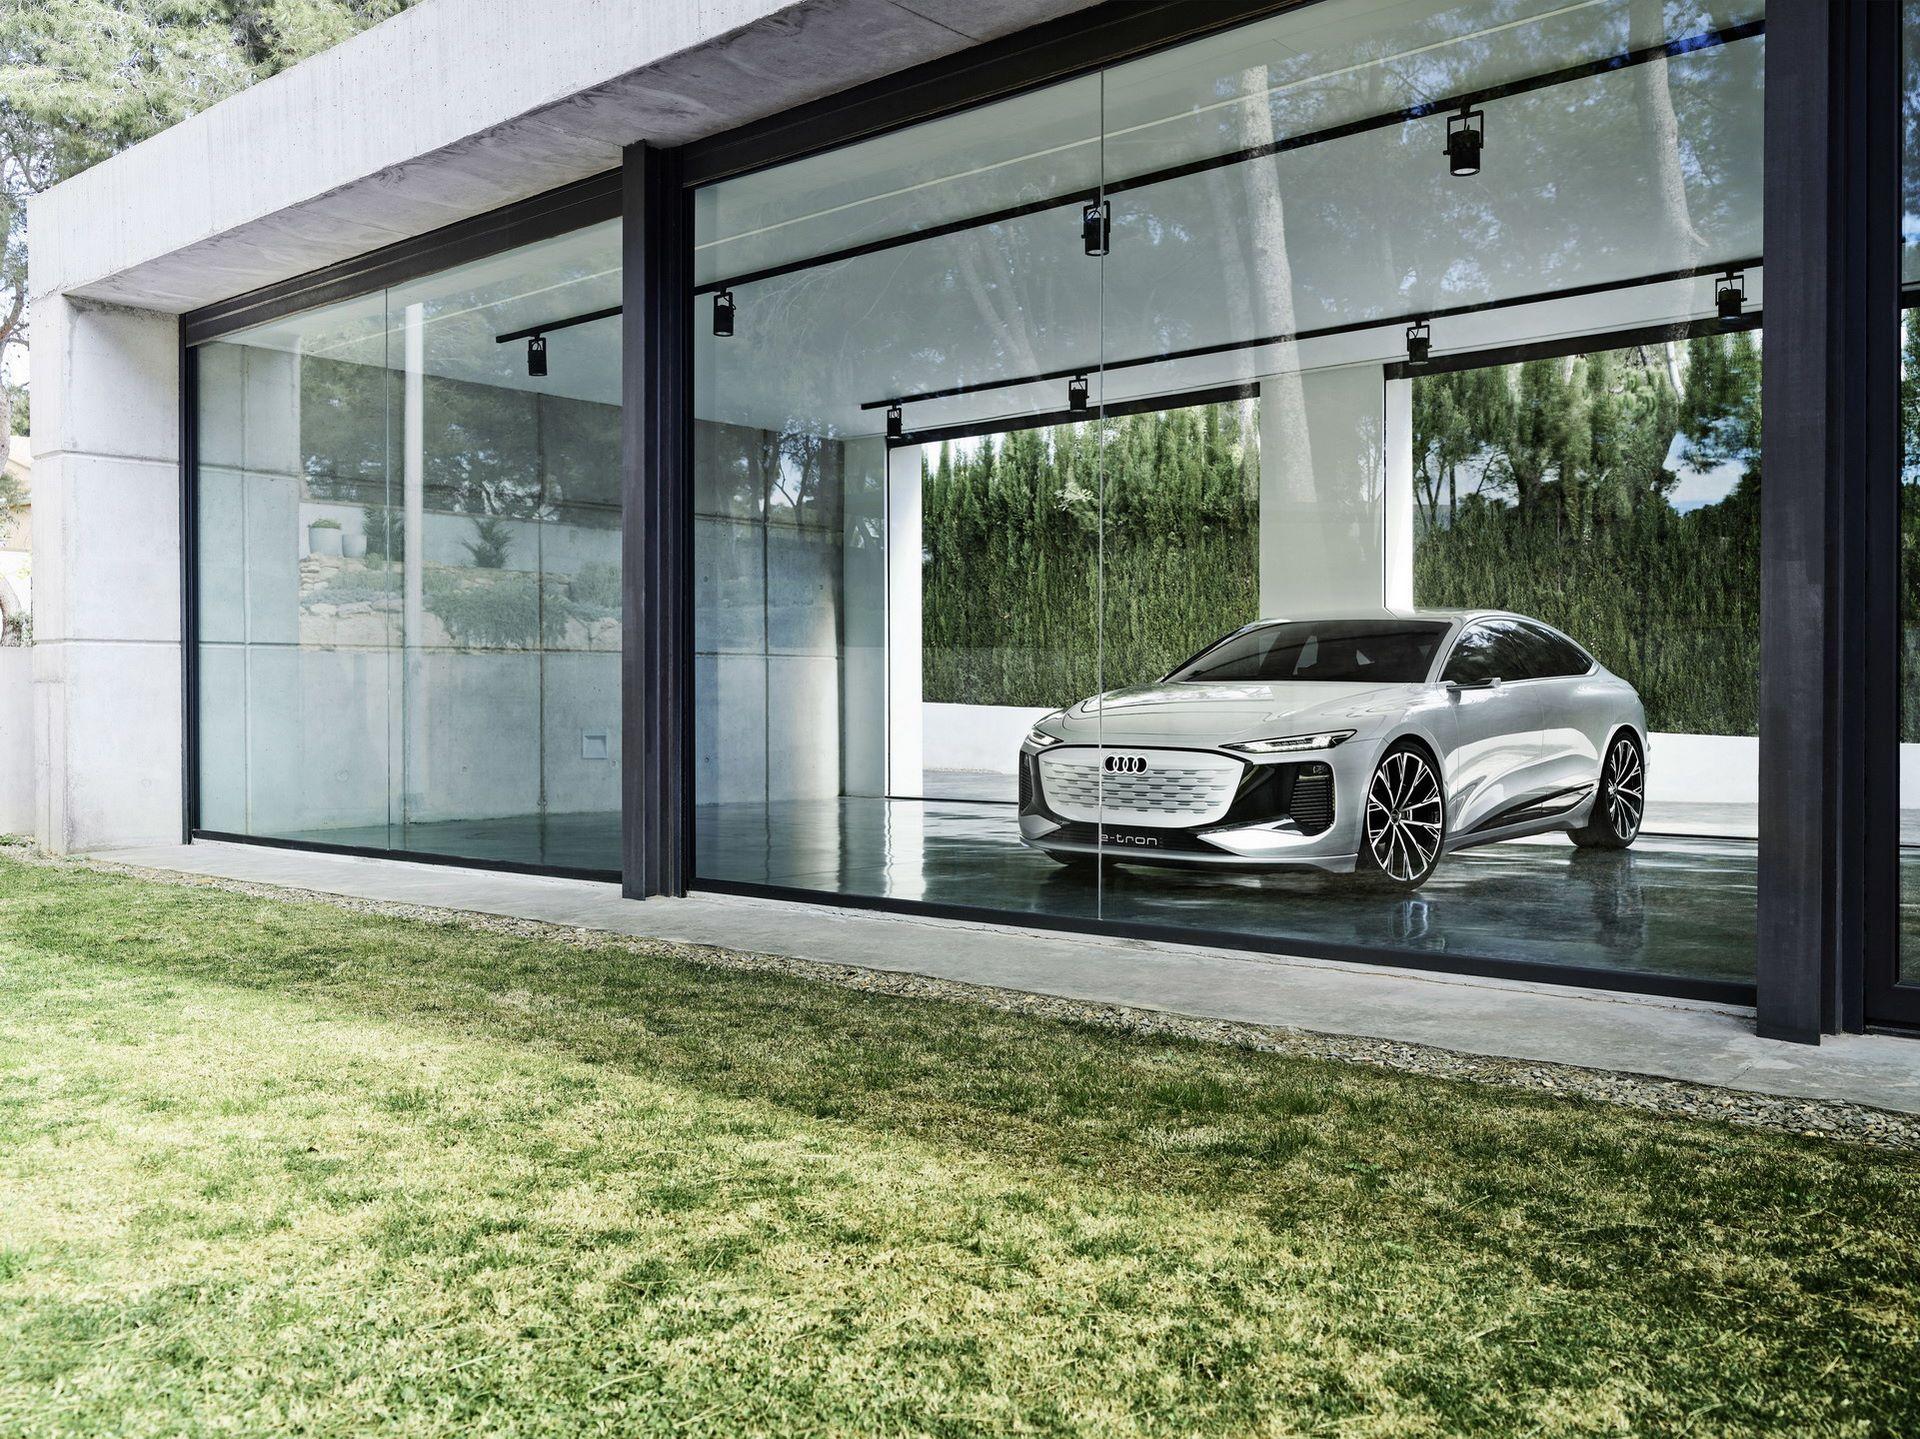 Audi-A6-e-tron-concept-32